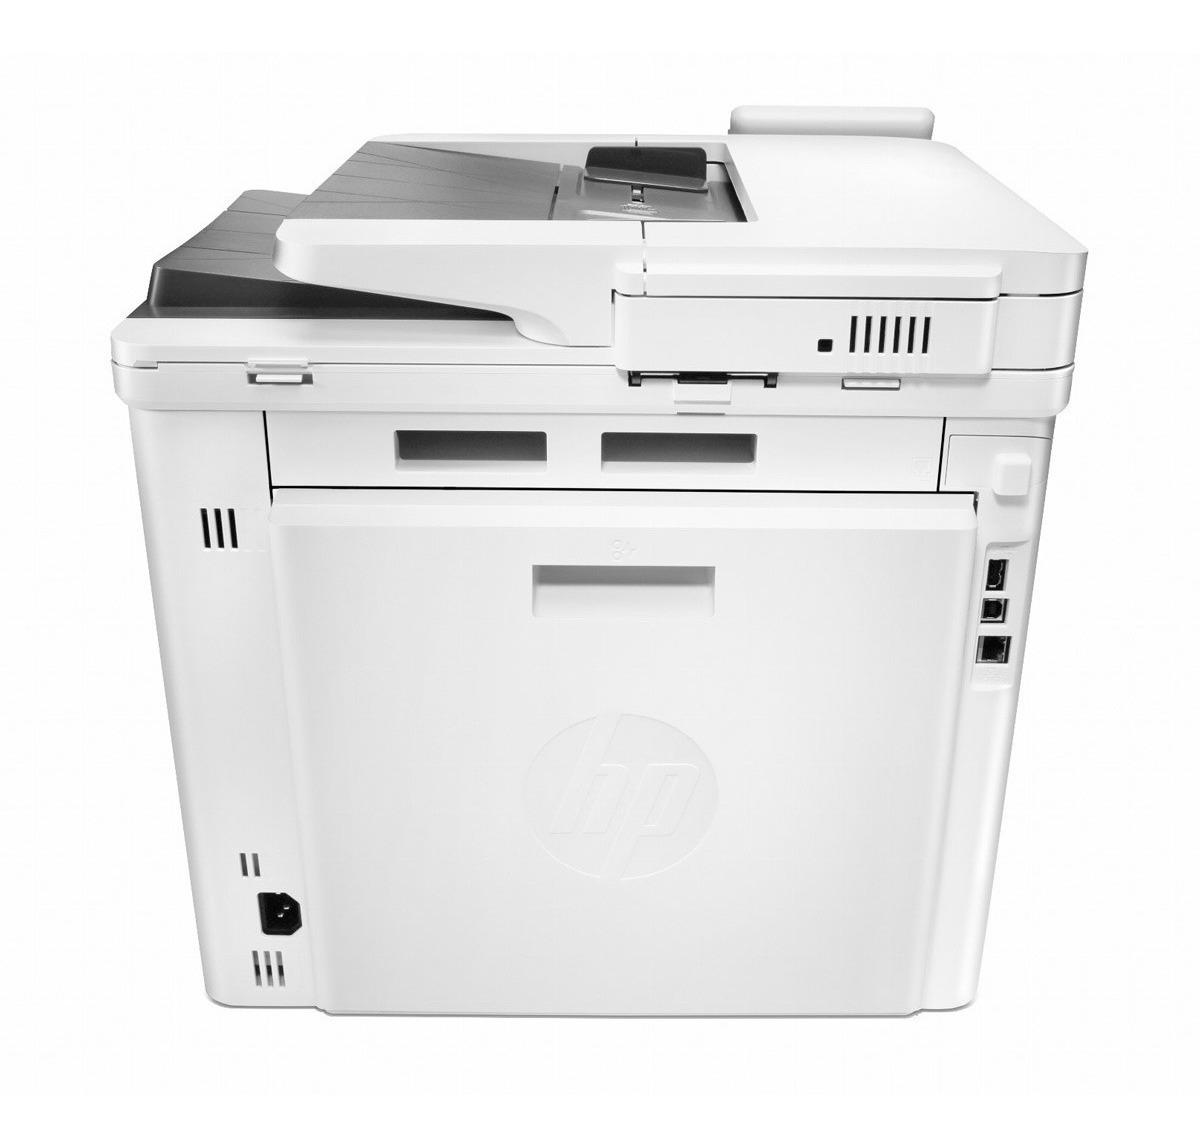 Impresora Multifuncion Laser Color Hp M477fdw Wifi Fax Gtia